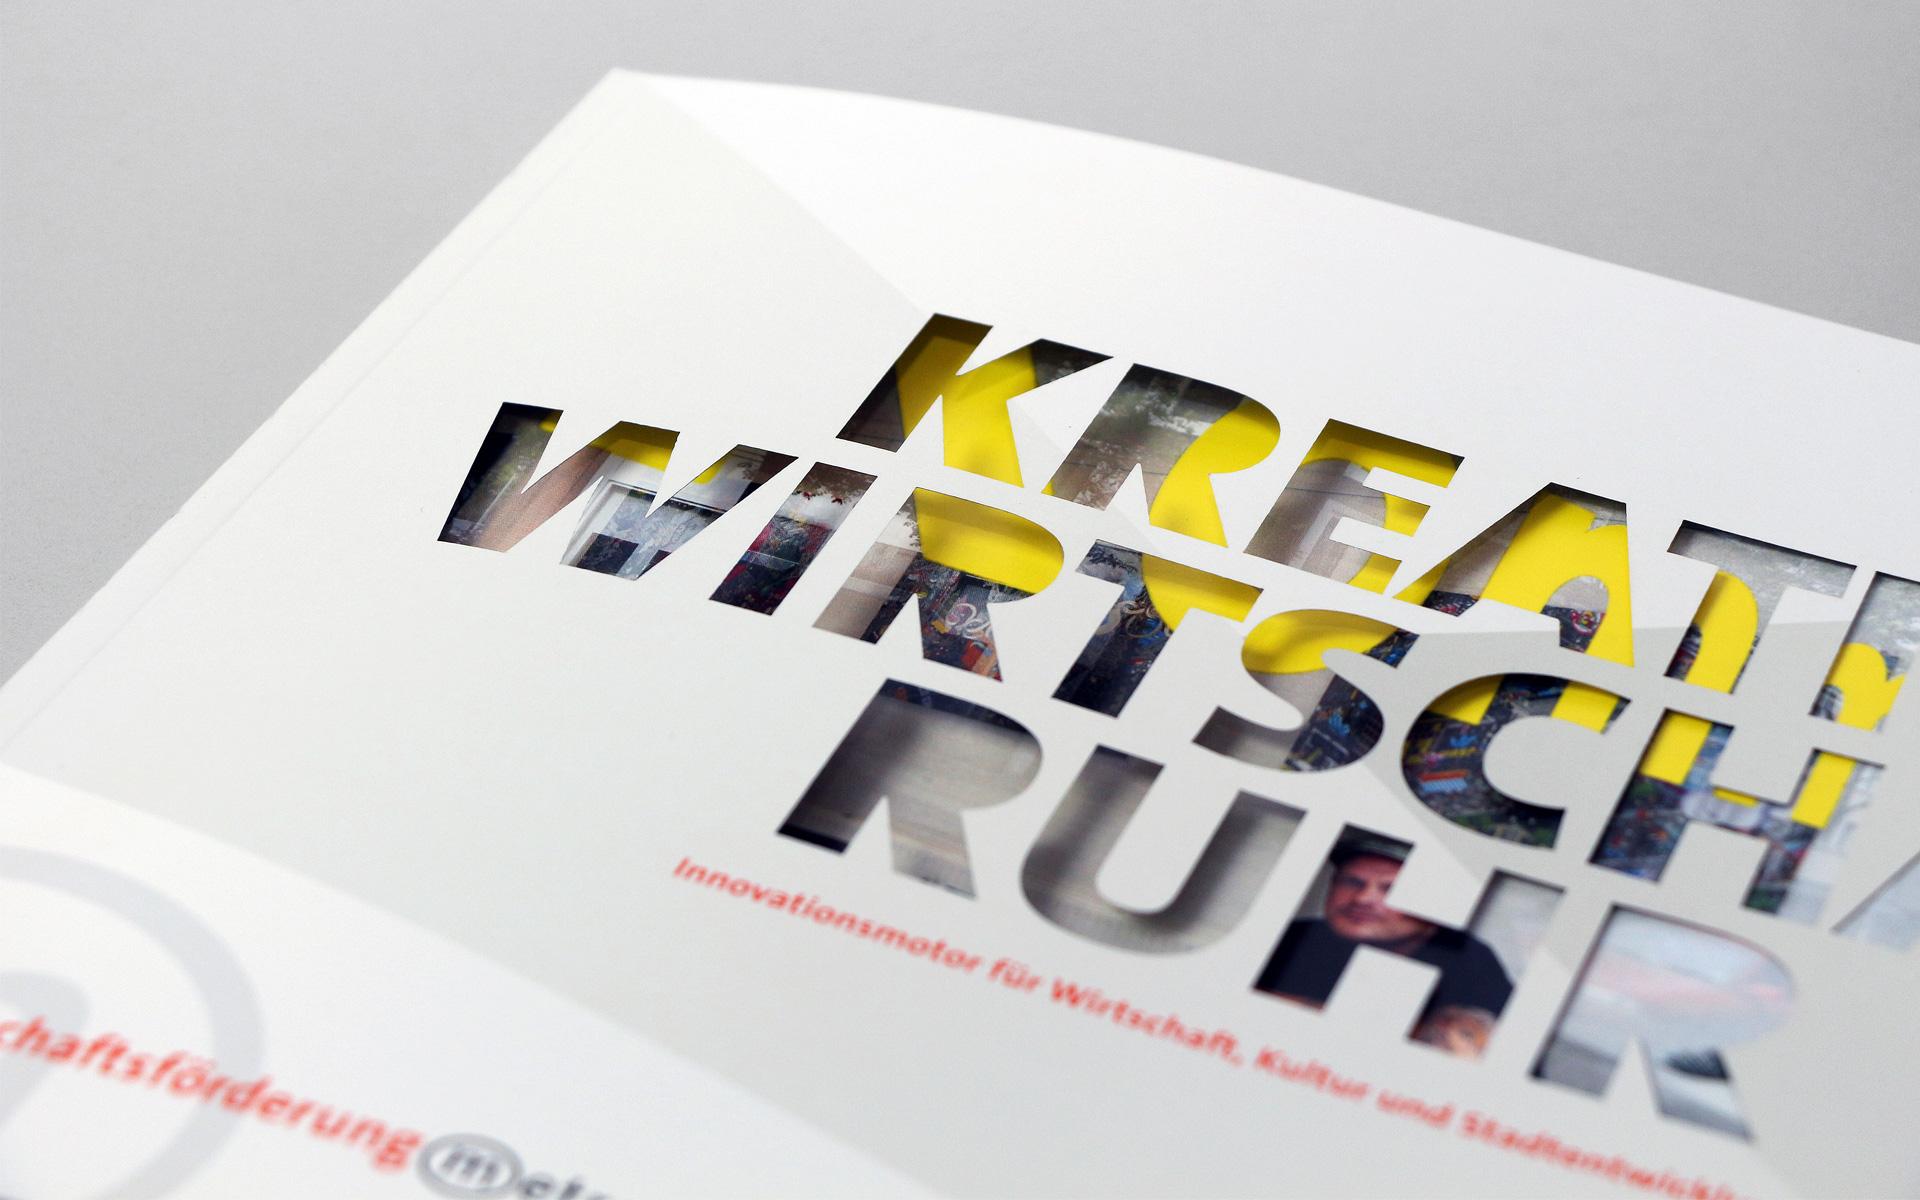 Kreativwirtschaft Ruhr